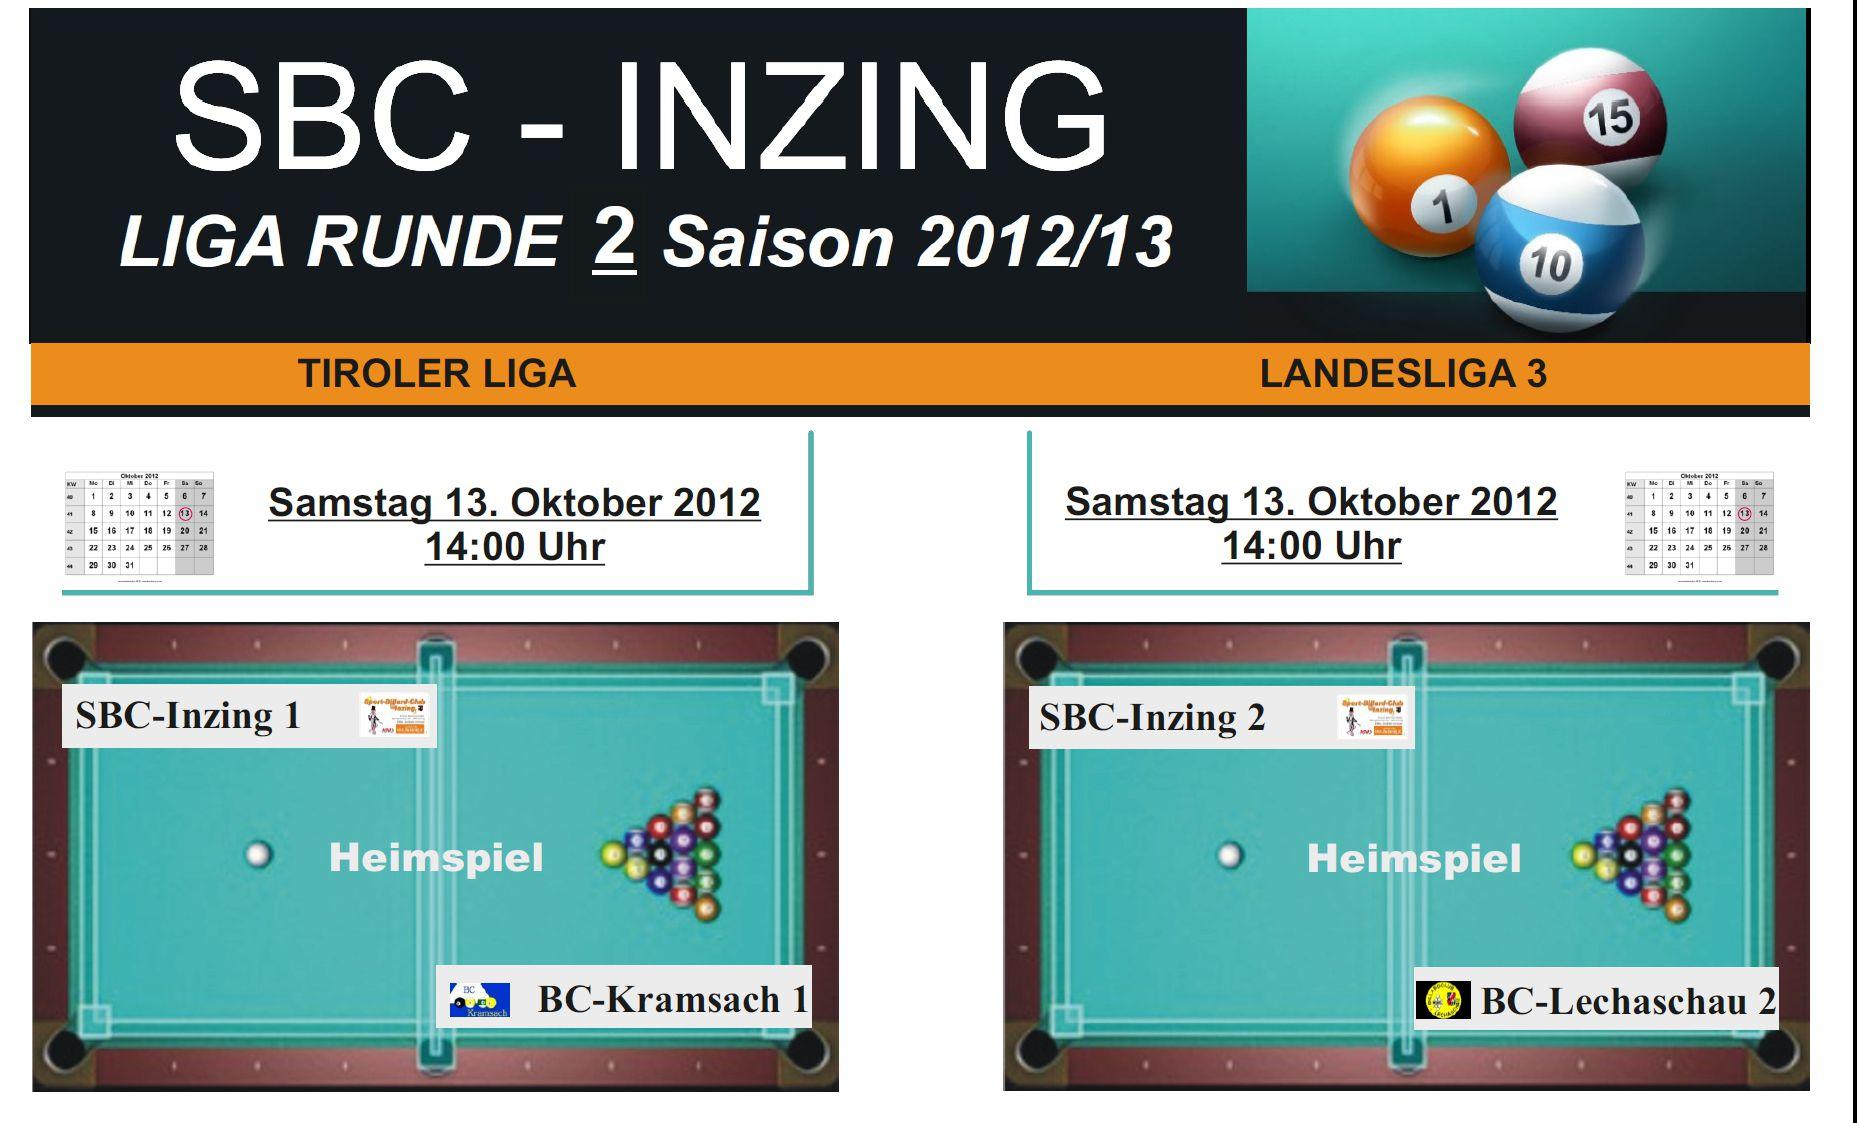 ligarunde_2_2012_13